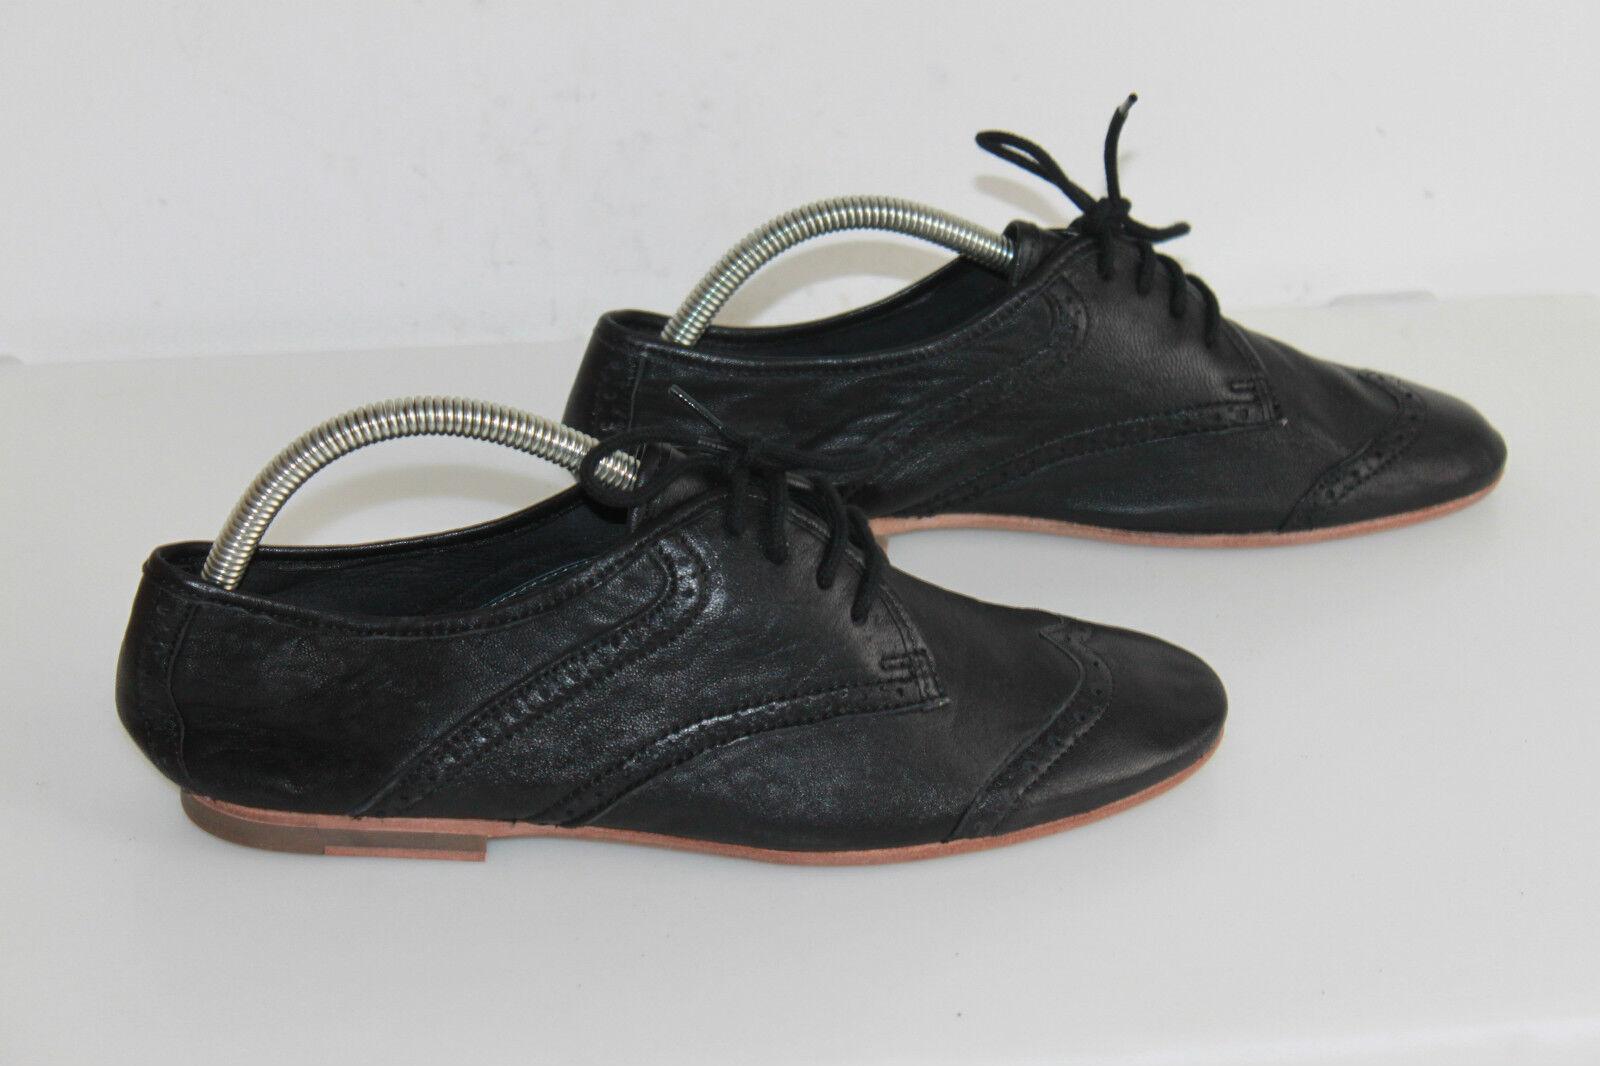 Oxfordschuhe KOAH alle Weichleder schwarz T 41 top Zustand    b9102d